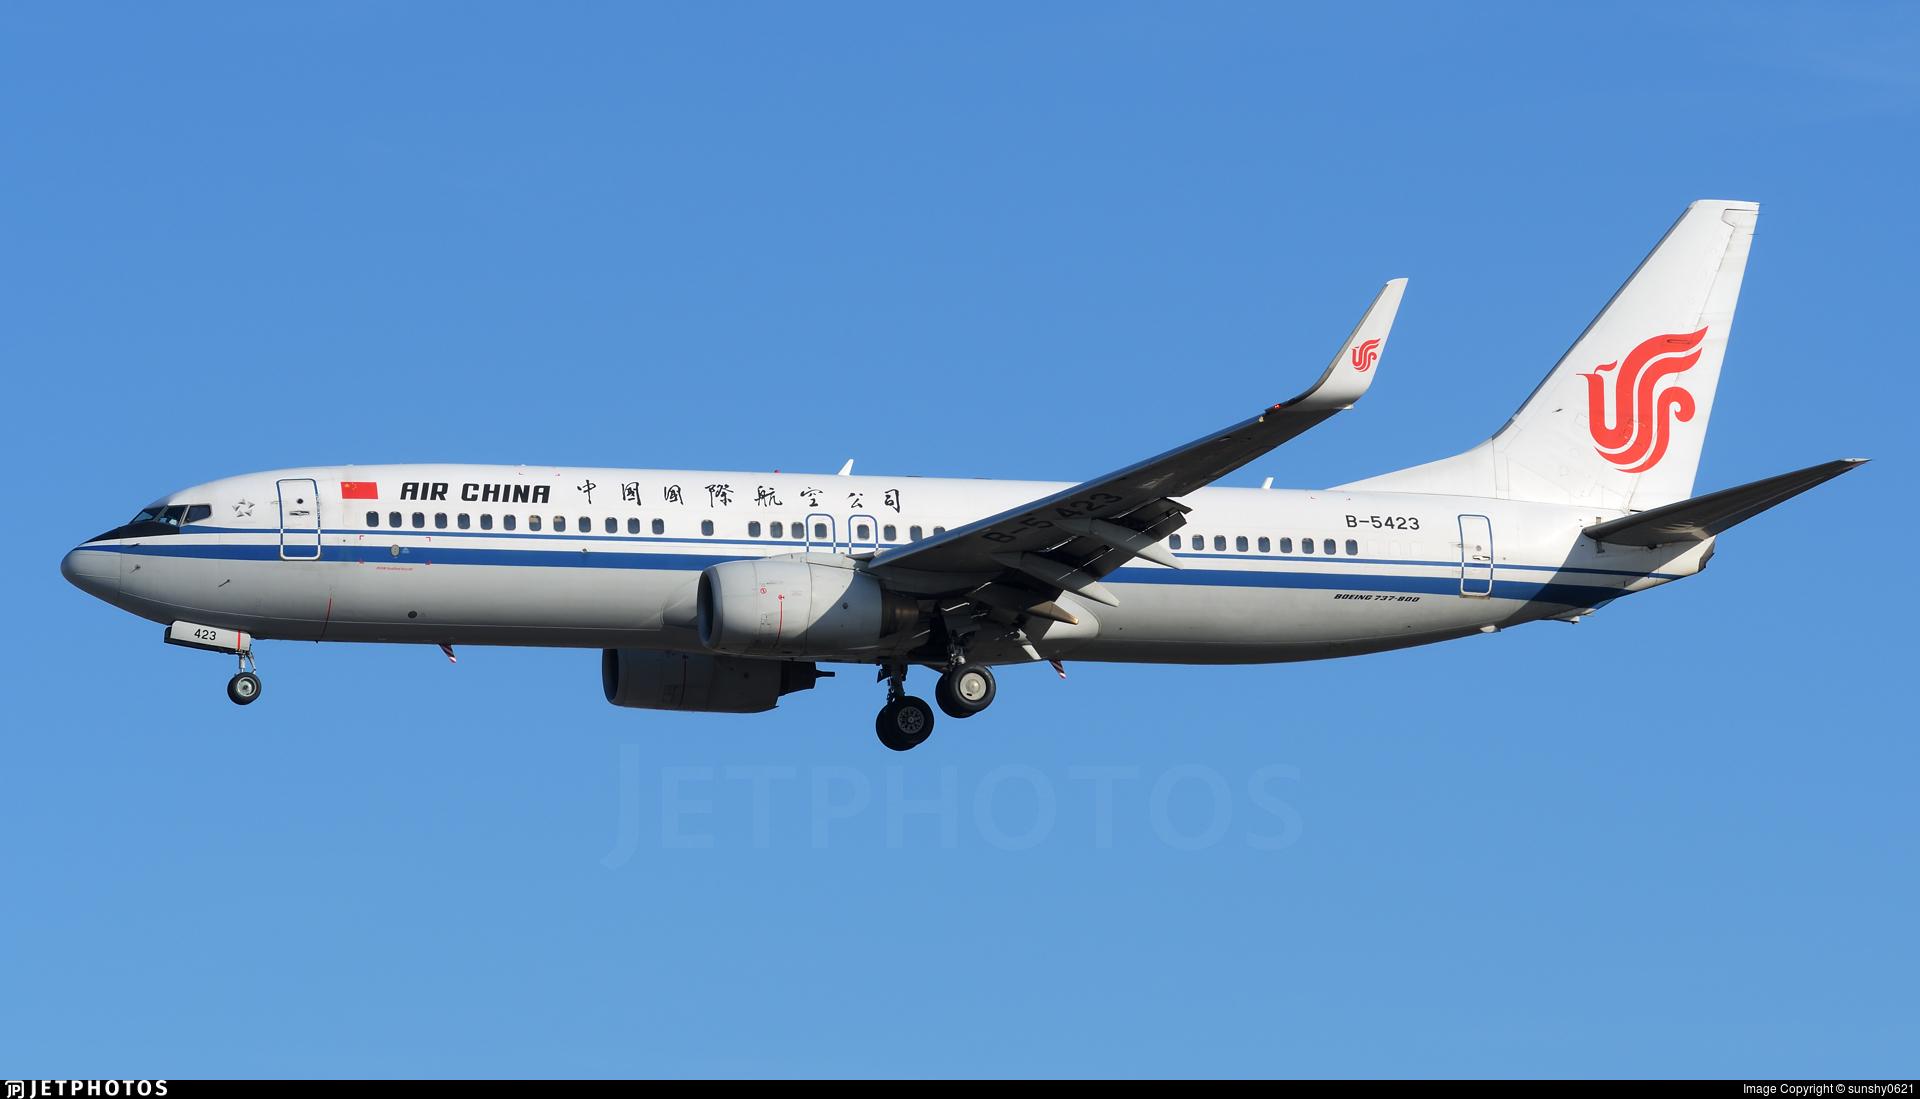 B-5423   Boeing 737-89L   Air China   sunshy0621   JetPhotos